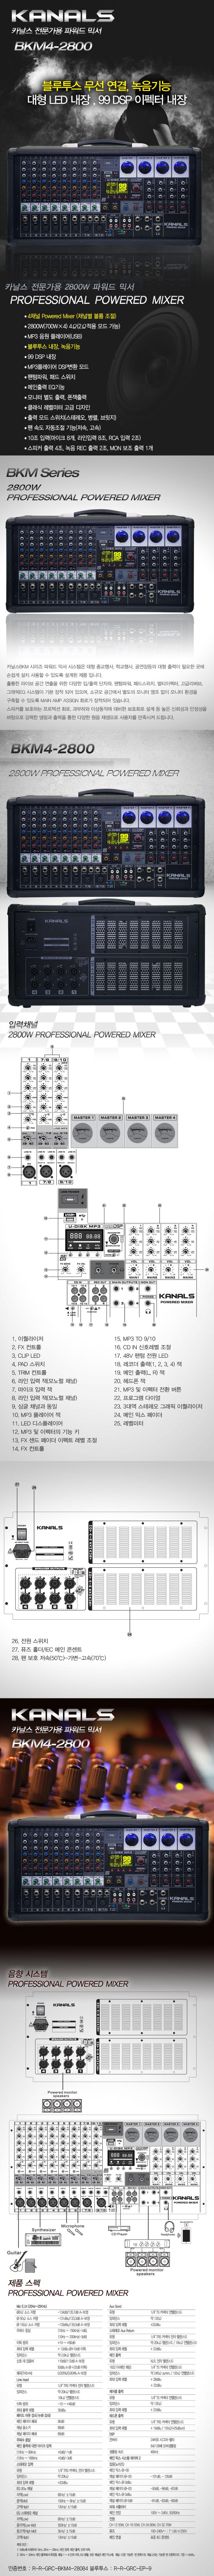 BKM4-2800Sangse.jpg